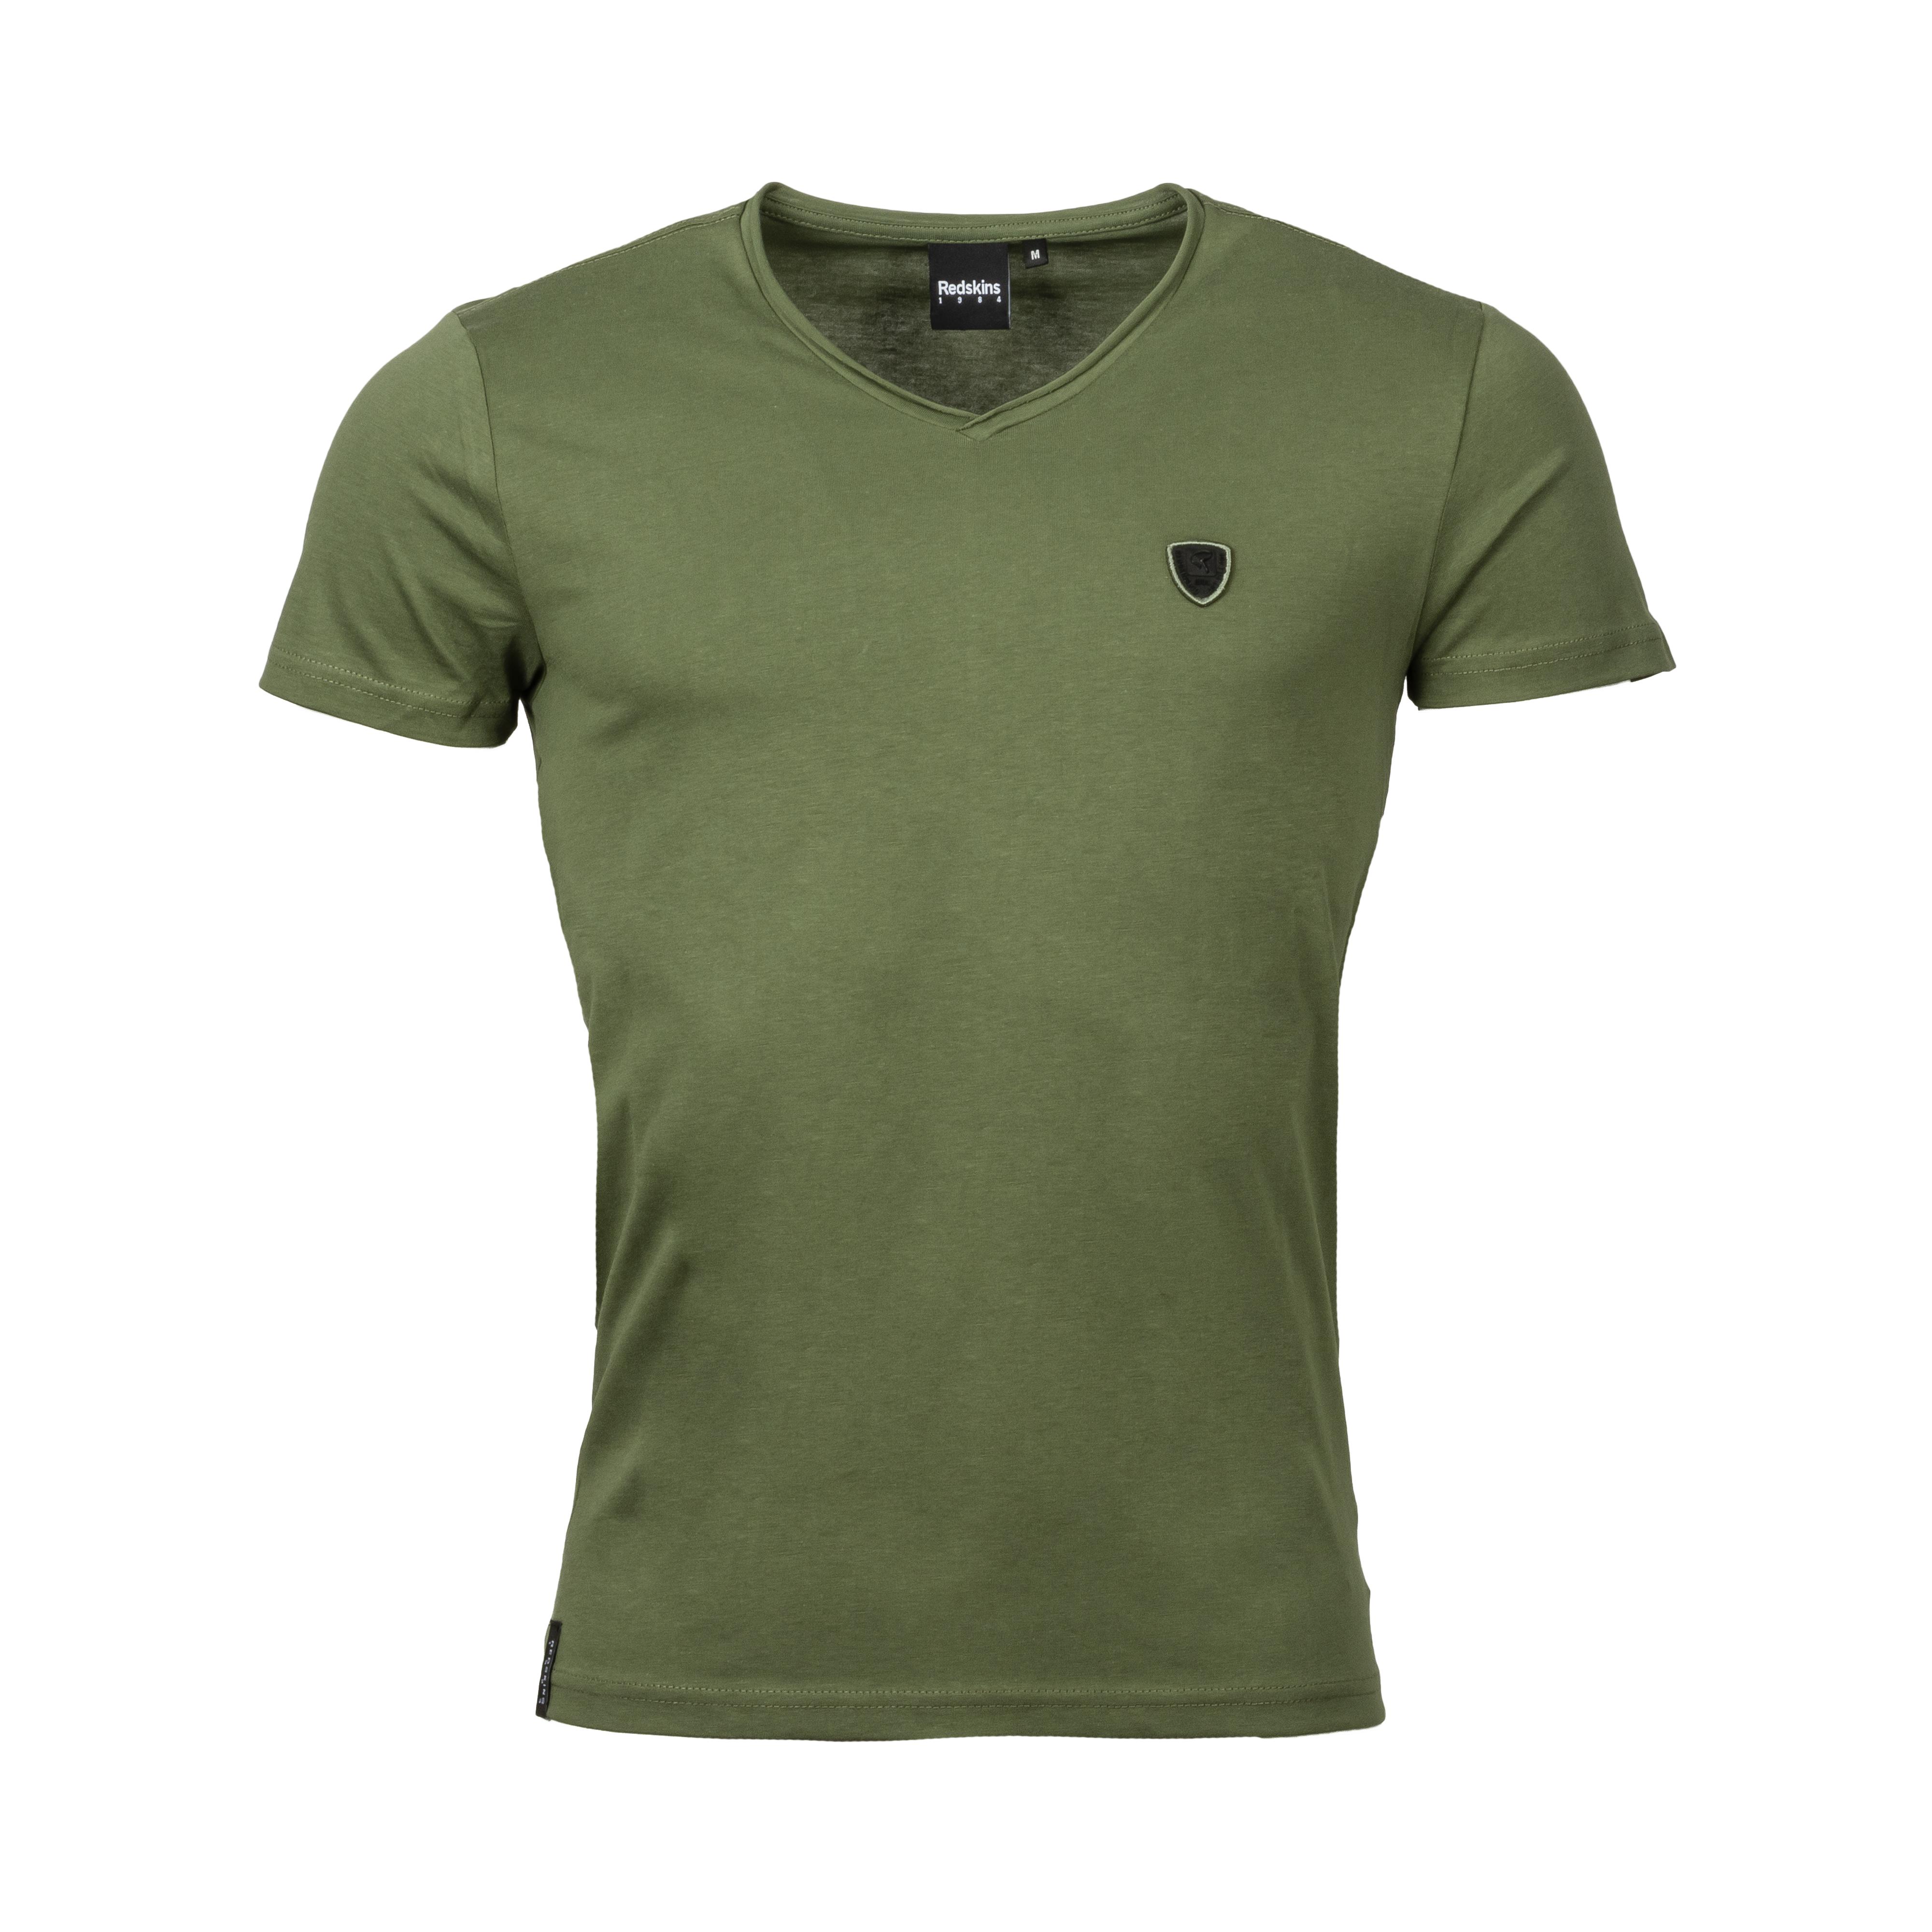 Tee-shirt col v  mint 2 aden en coton kaki